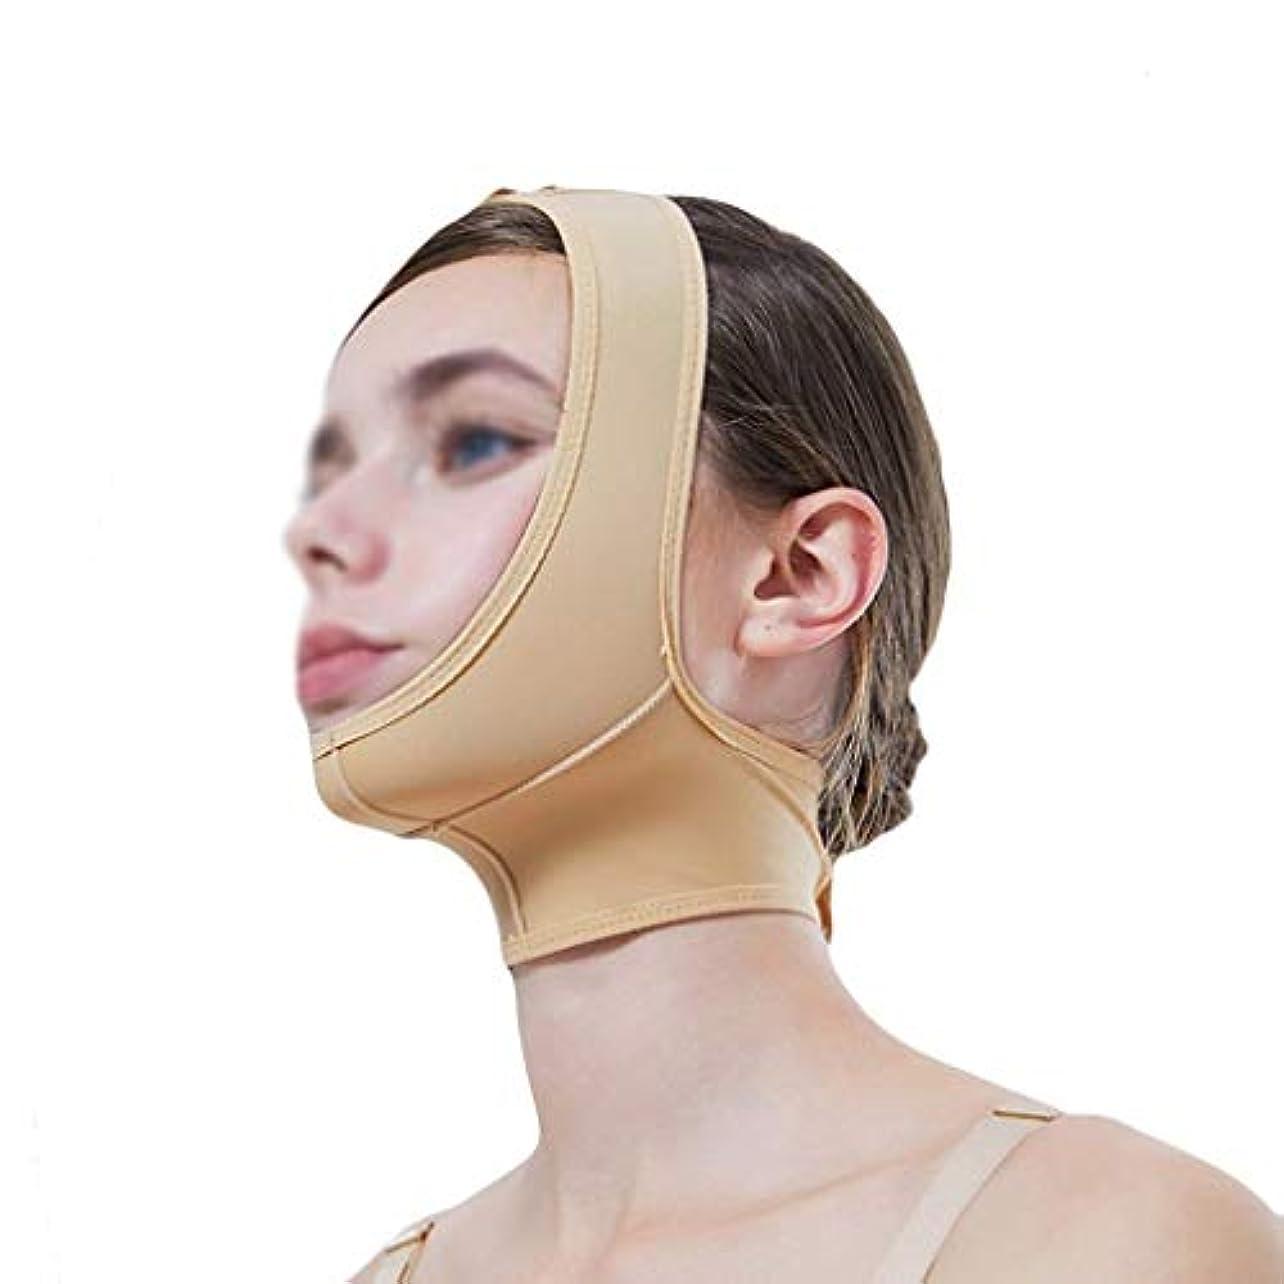 ベーリング海峡長老ピグマリオンマスク、超薄型ベルト、フェイスリフティングに適し、フェイスリフティング、通気性包帯、あご取りベルト、超薄型ベルト、通気性(サイズ:XL),L